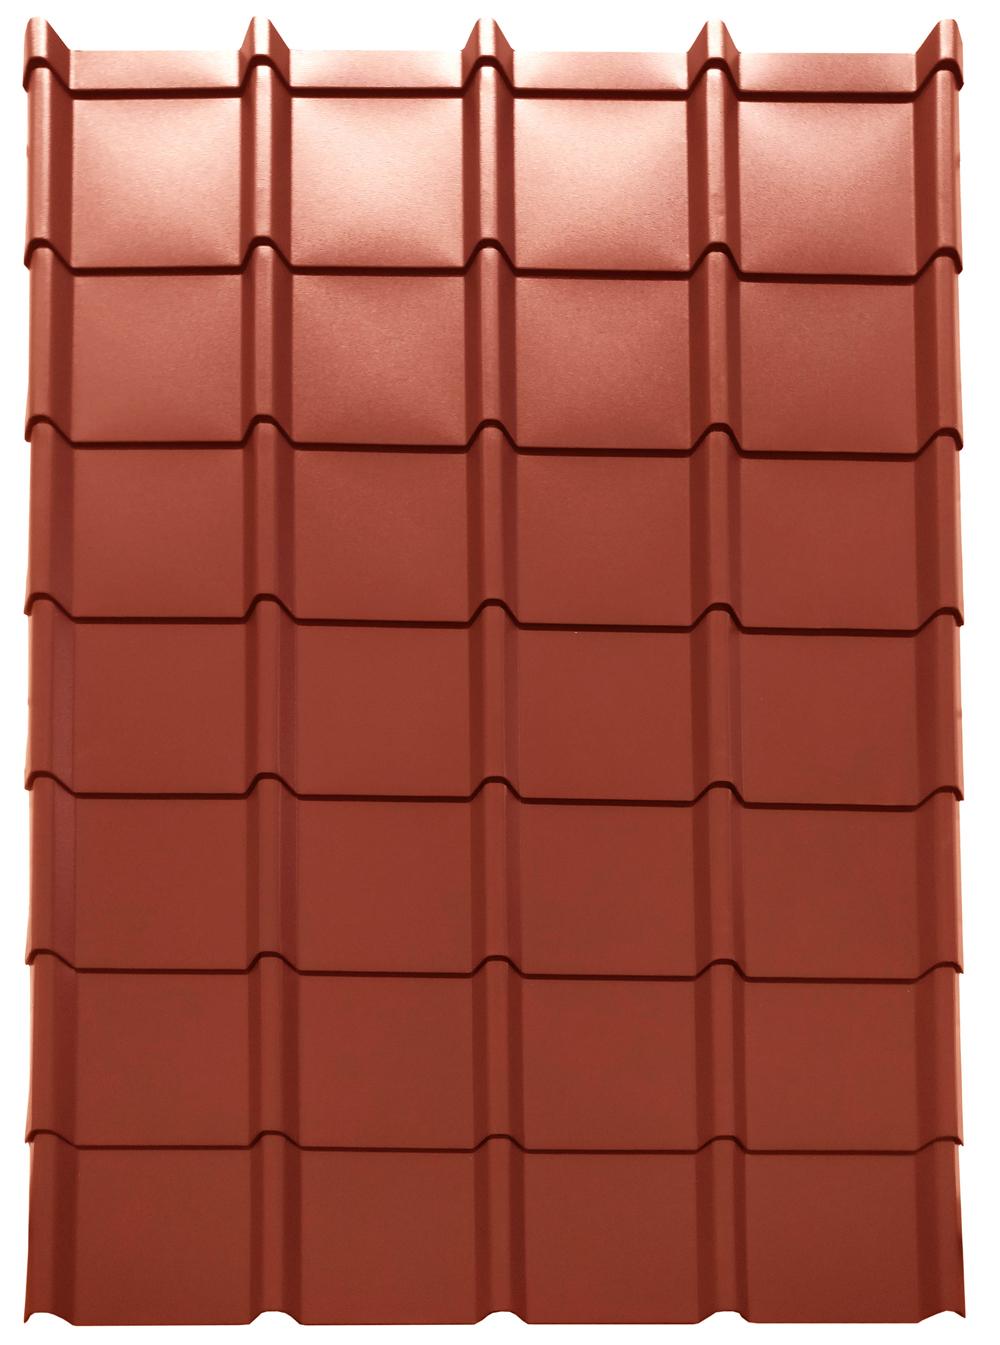 EASY-Tuile LINEA granit rouge: concept de panneaux - tuiles modulaires en finition lisse